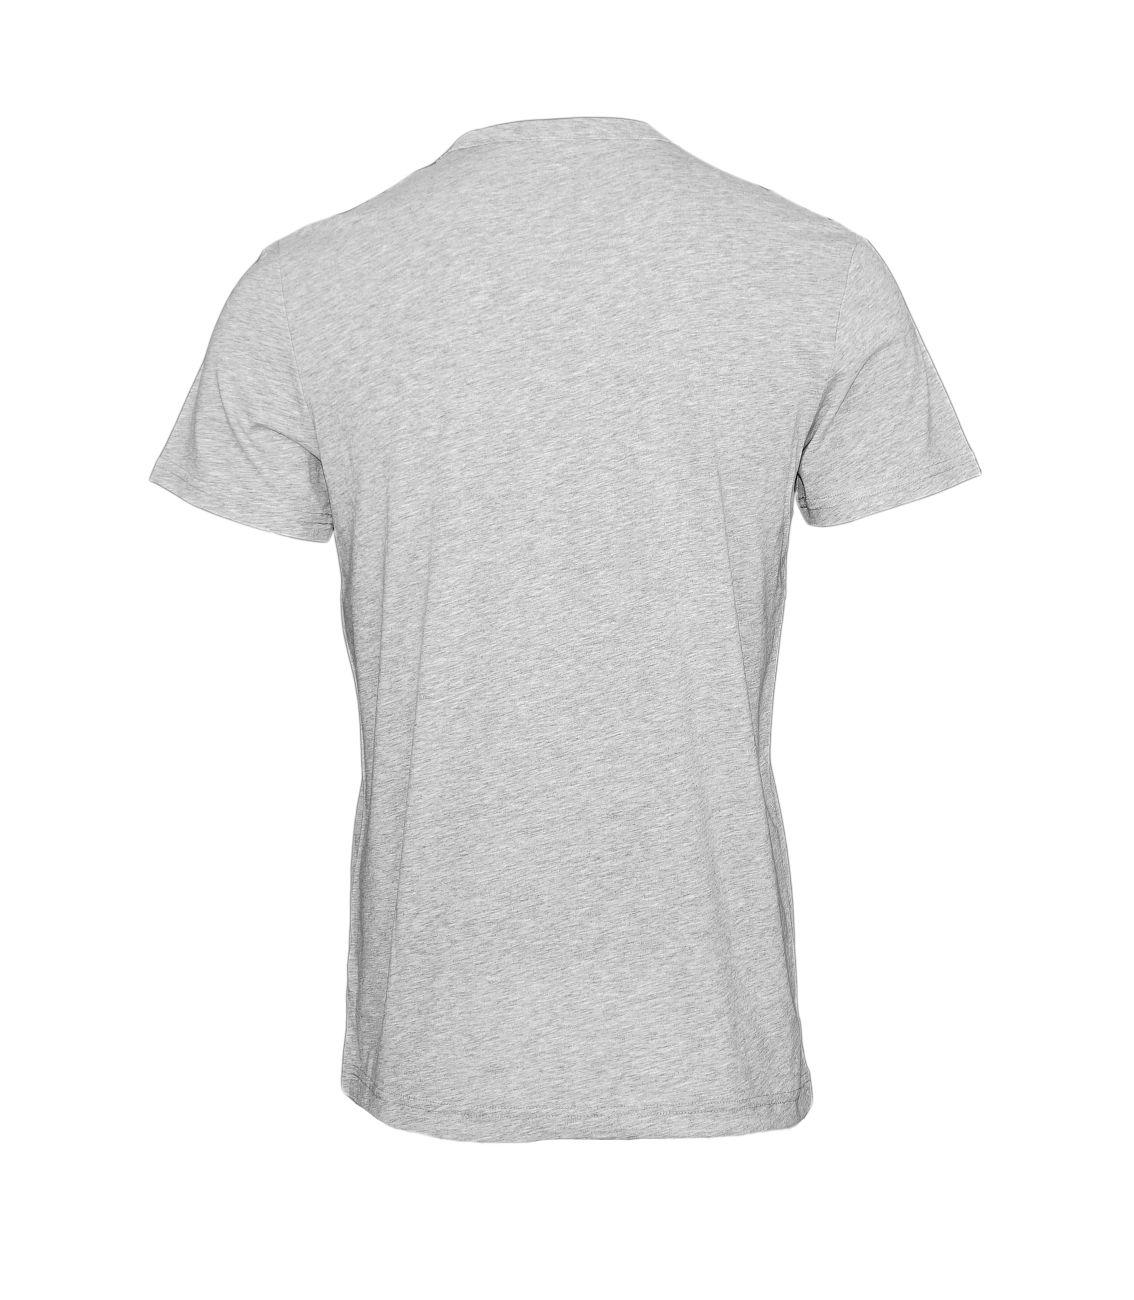 G-Star RAW T-Shirt Loaq rt D08504.2757.906 81 Grey Htr F18-GST1